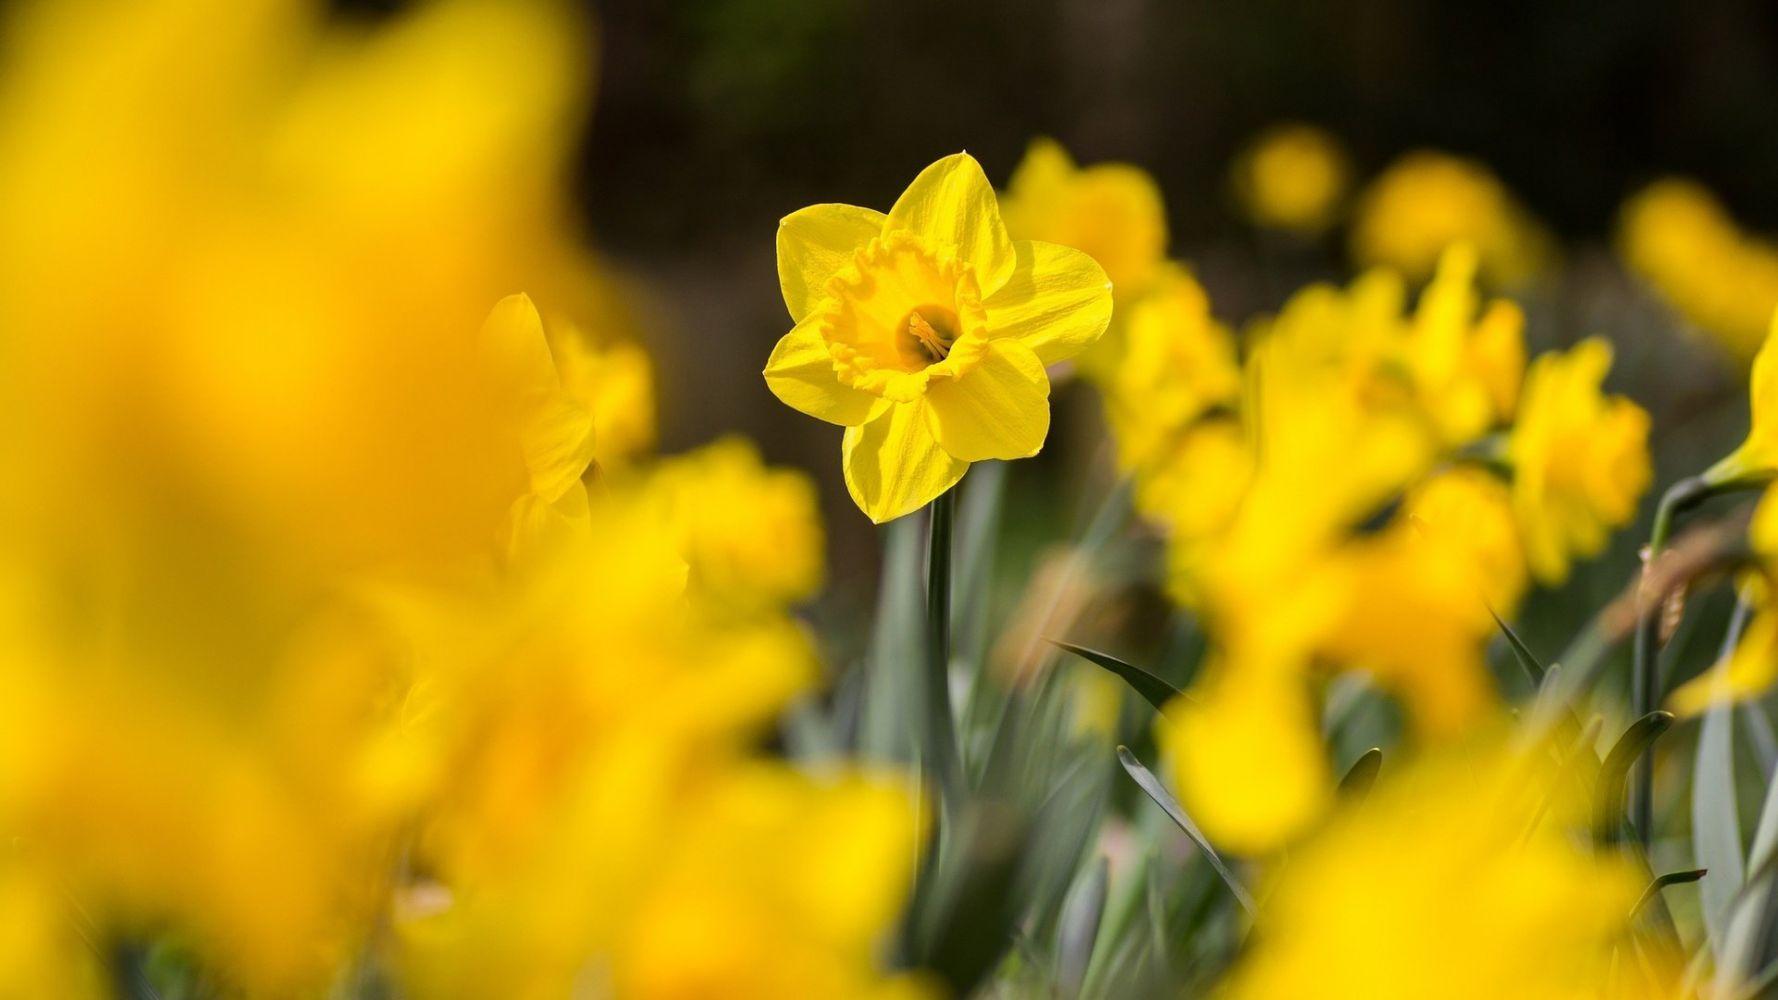 картинки с желтыми цветами телефон таком